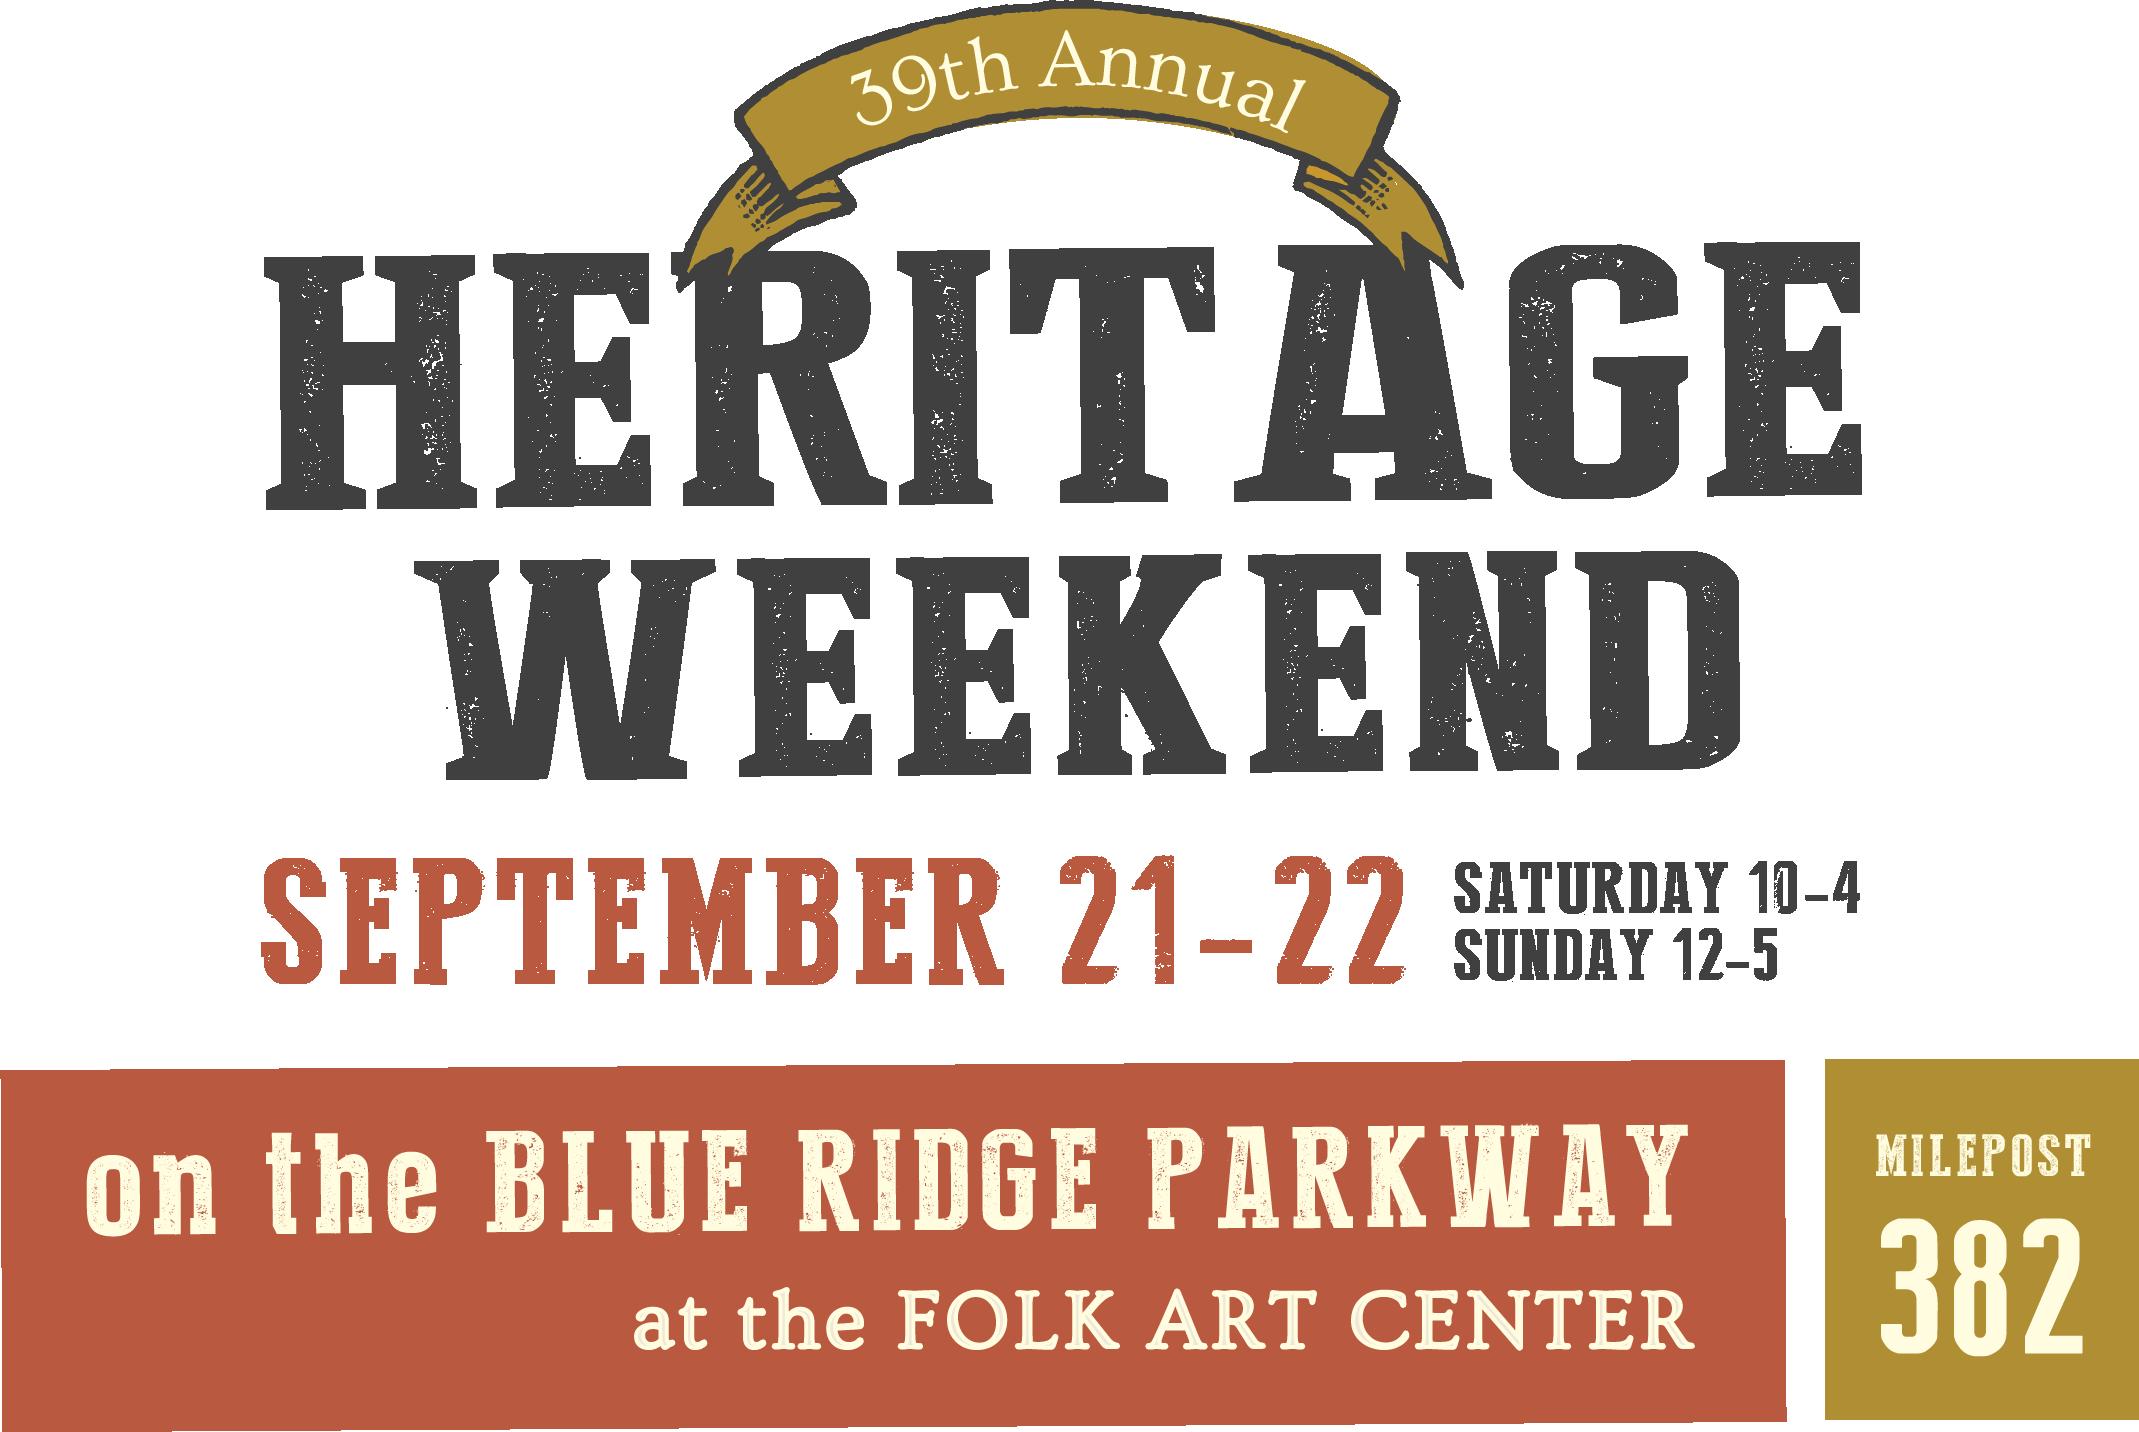 Heritage Weekend